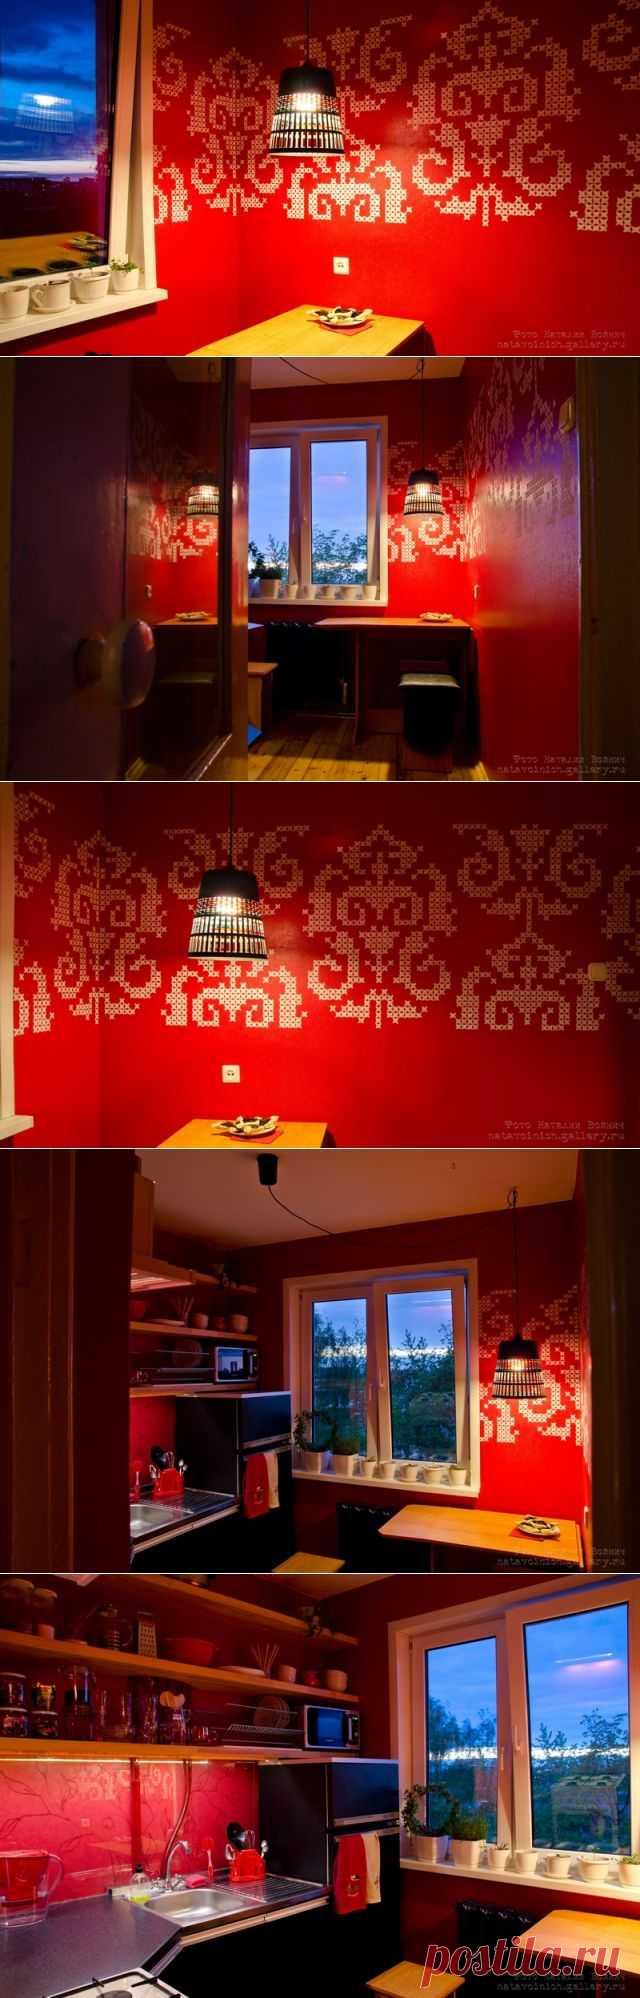 Кухня - Минск - Беларусь / Кухня / Модный сайт о стильной переделке одежды и интерьера